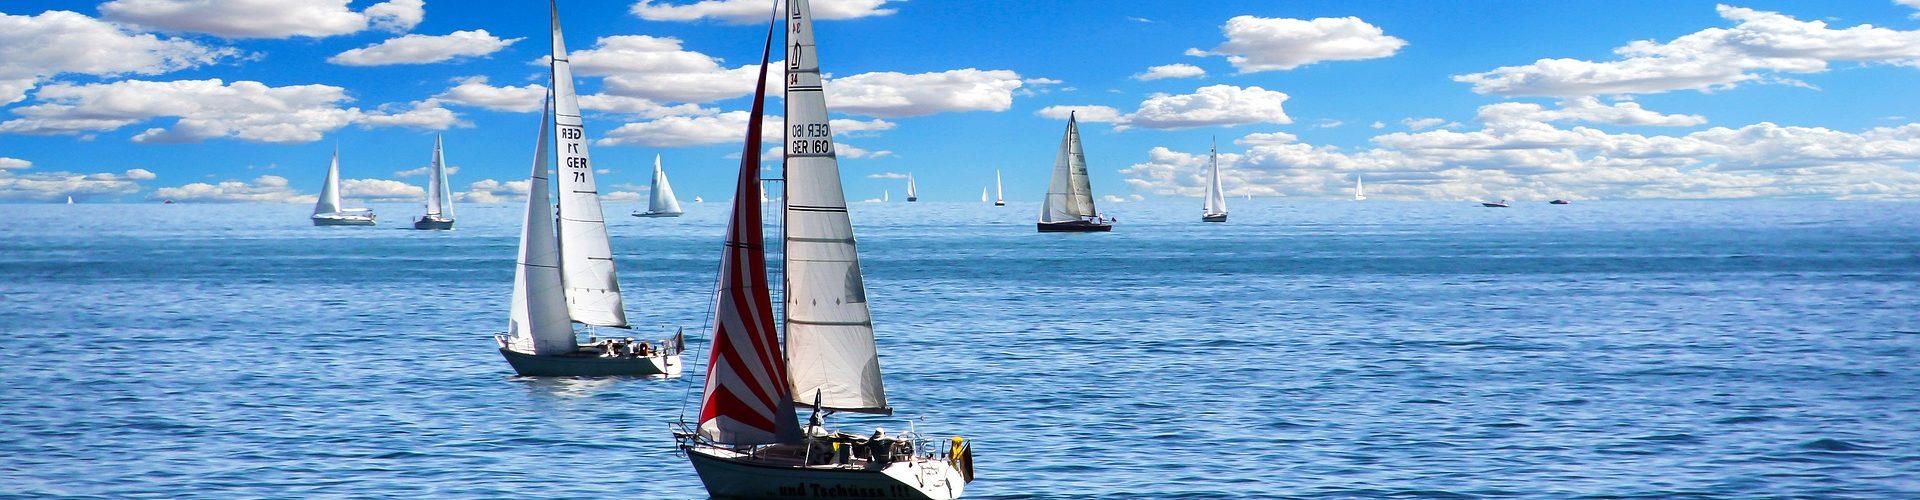 segeln lernen in Seeshaupt segelschein machen in Seeshaupt 1920x500 - Segeln lernen in Seeshaupt